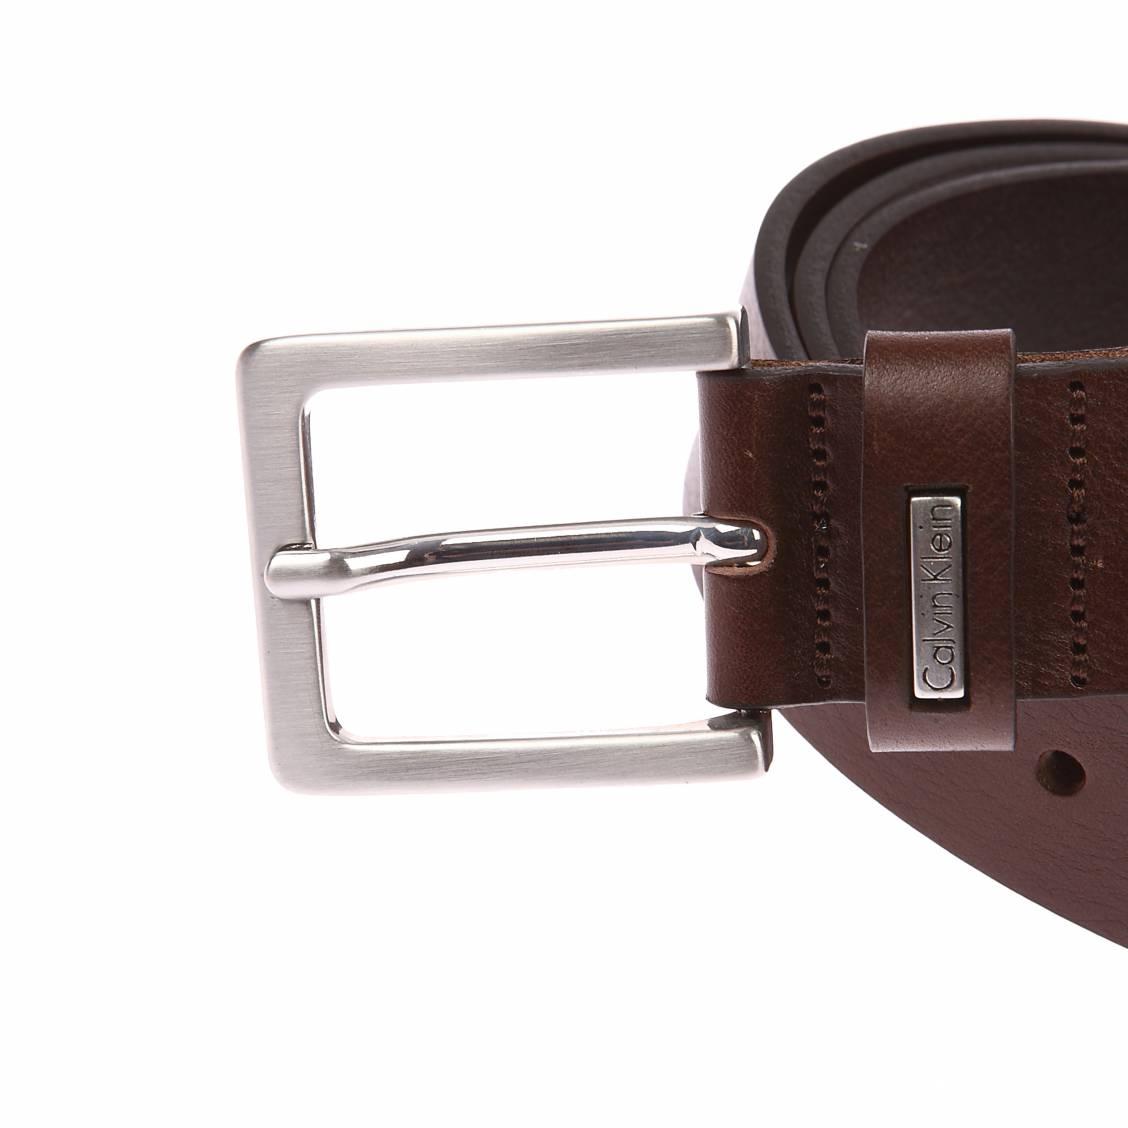 Ceinture Calvin Klein Jeans Mino Belt 3 en cuir marron à boucle ... ef7d8ef7550